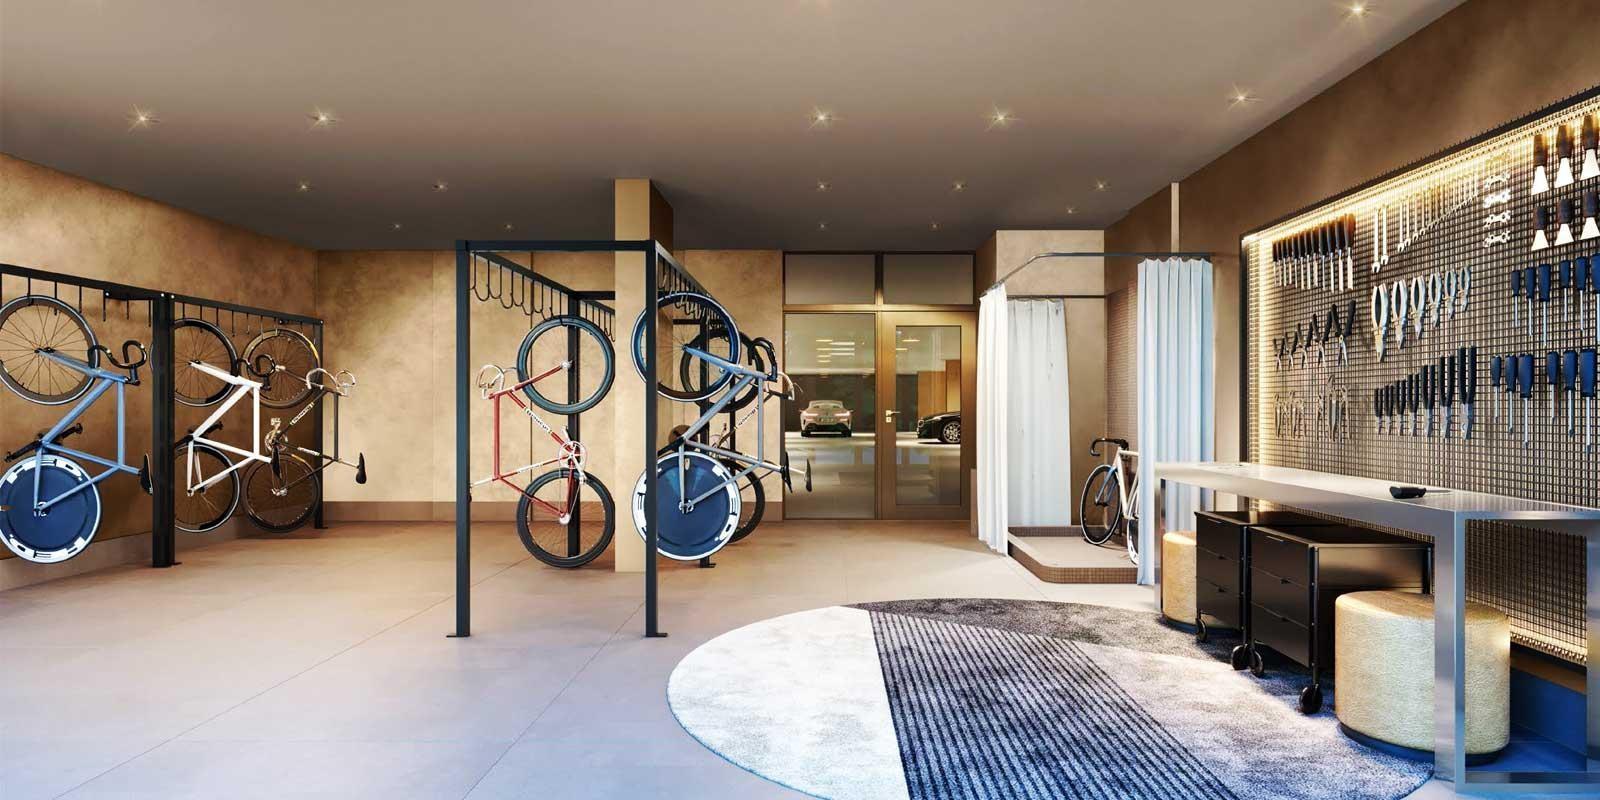 TPS Imóveis - Veja Foto 15 de 20 do Apartamento Parque Moinhos - Parcão